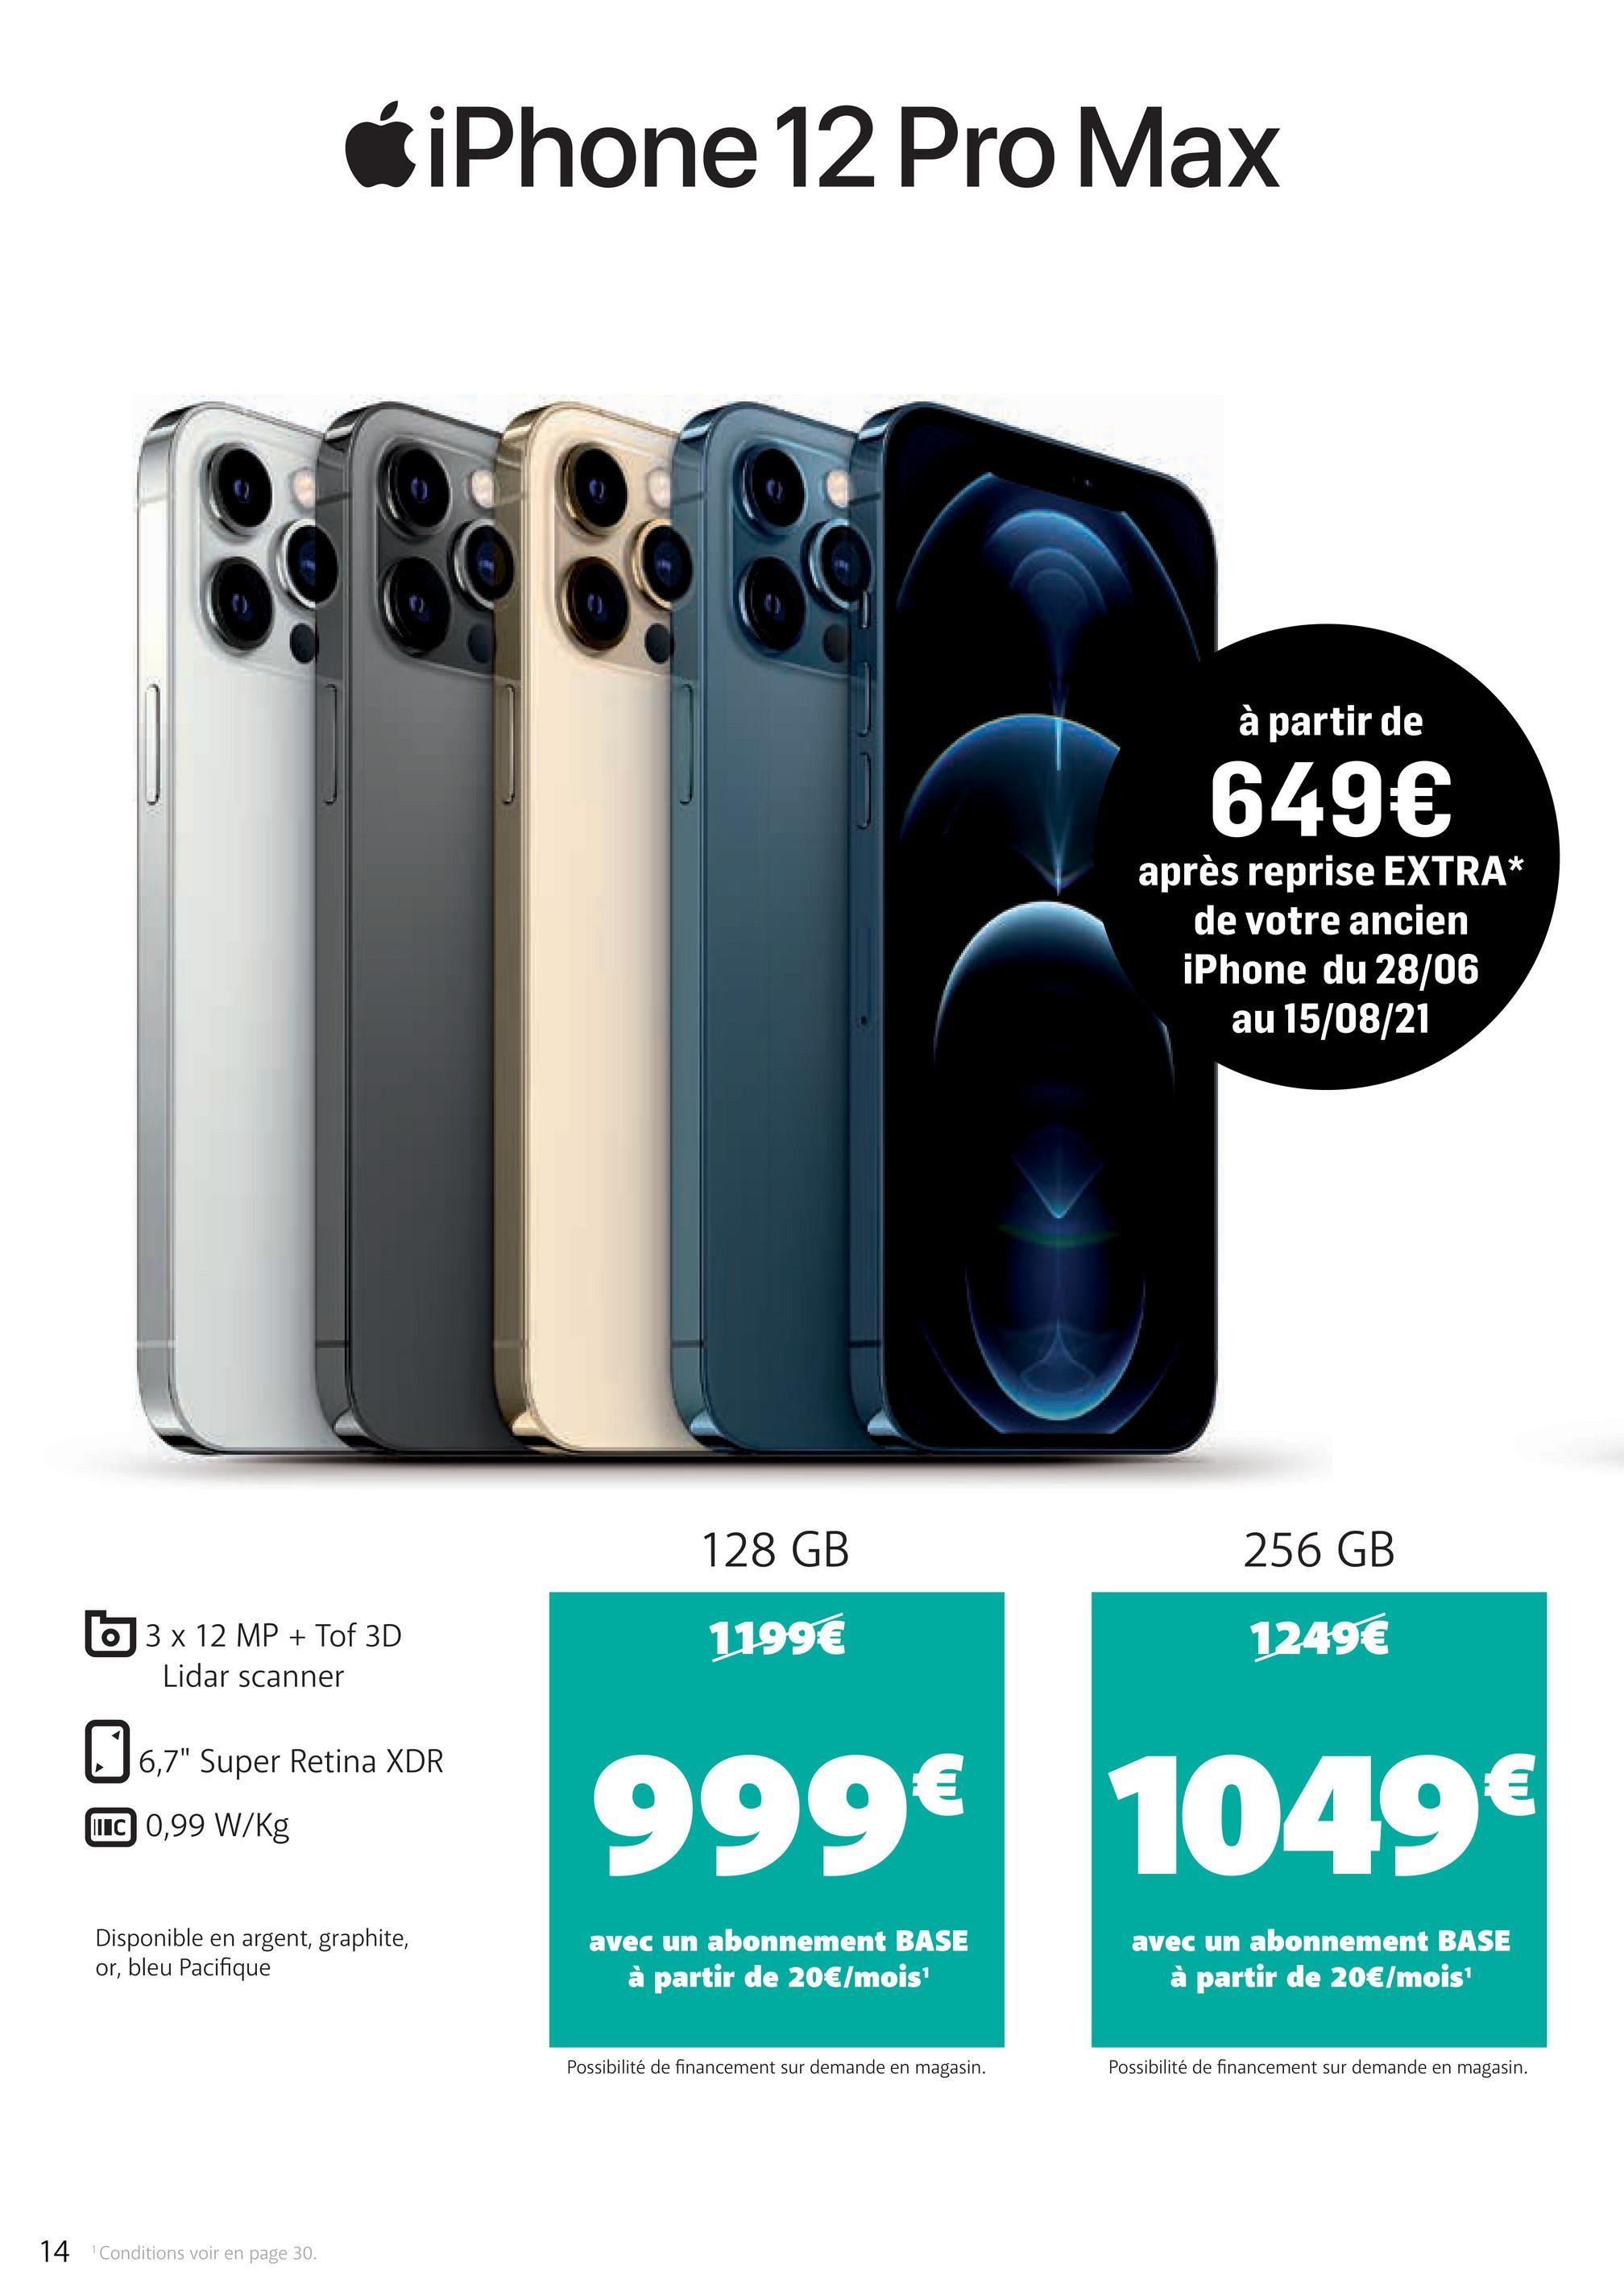 """iPhone 12 Pro Max BOBB à partir de 649€ après reprise EXTRA* de votre ancien iPhone du 28/06 au 15/08/21 128 GB 256 GB 3 x 12 MP + Tof 3D Lidar scanner 1199€ 1249€ 6,7"""" Super Retina XDR 999€ 1049 € € UIC 0,99 W/kg Disponible en argent, graphite, or, bleu Pacifique avec un abonnement BASE à partir de 20€/mois avec un abonnement BASE à partir de 20€/mois Possibilité de financement sur demande en magasin. Possibilité de financement sur demande en magasin. 14 Conditions voir en page 30."""